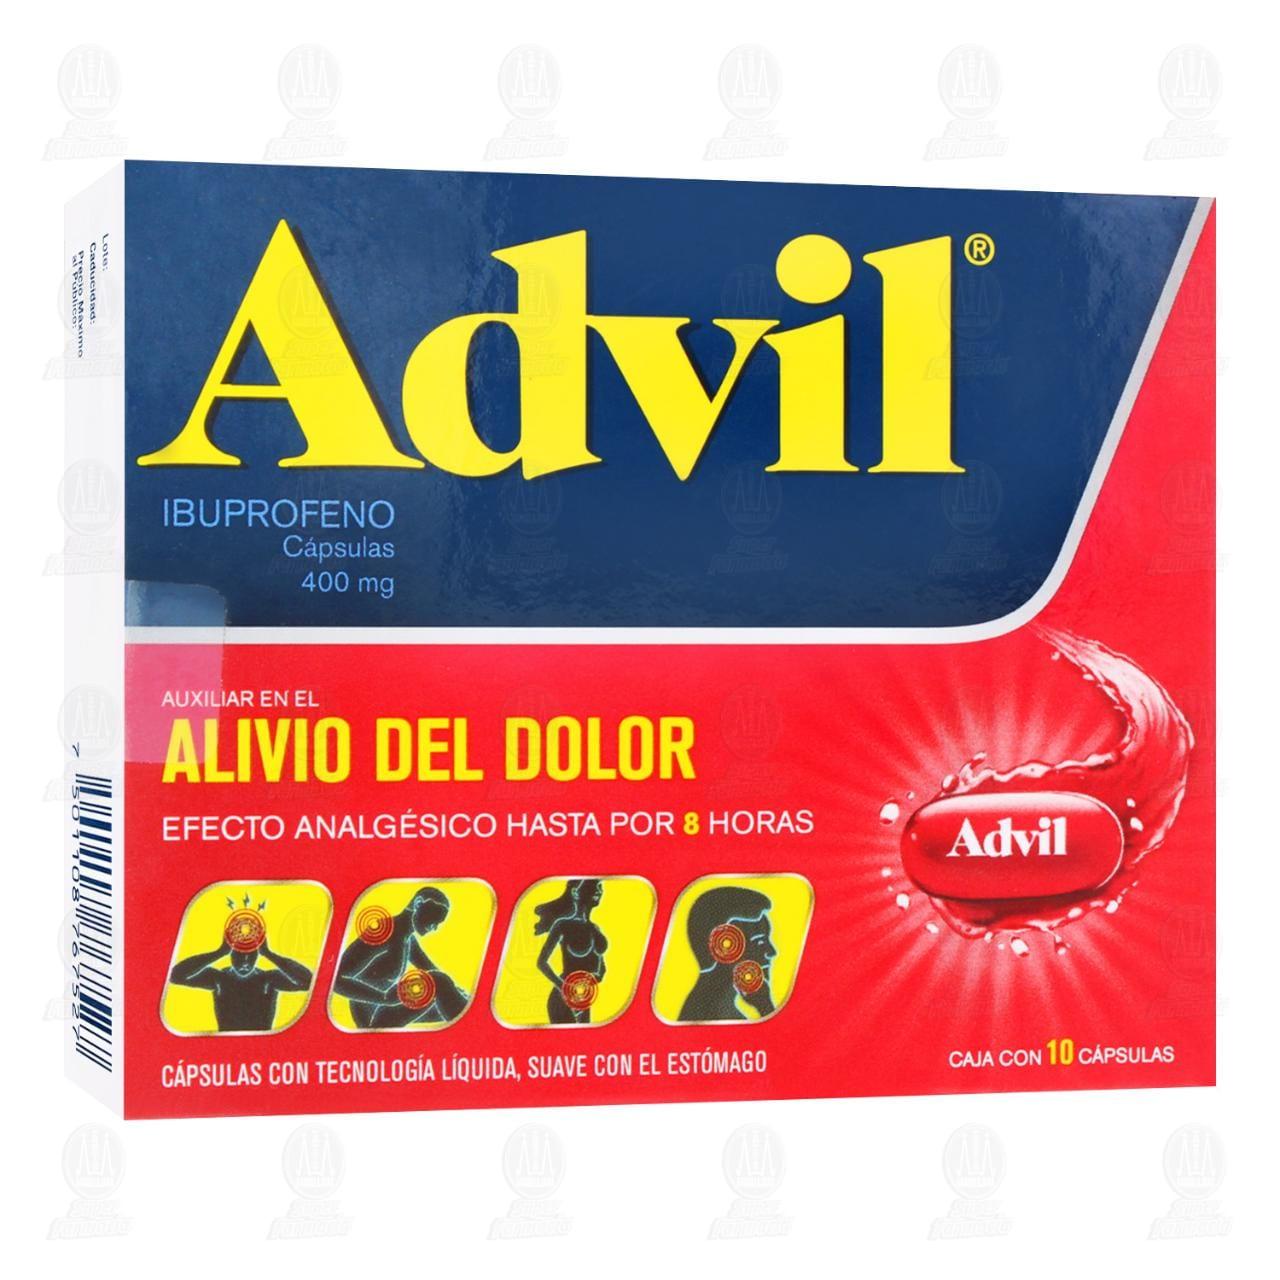 Comprar Advil 400mg 10 Cápsulas en Farmacias Guadalajara